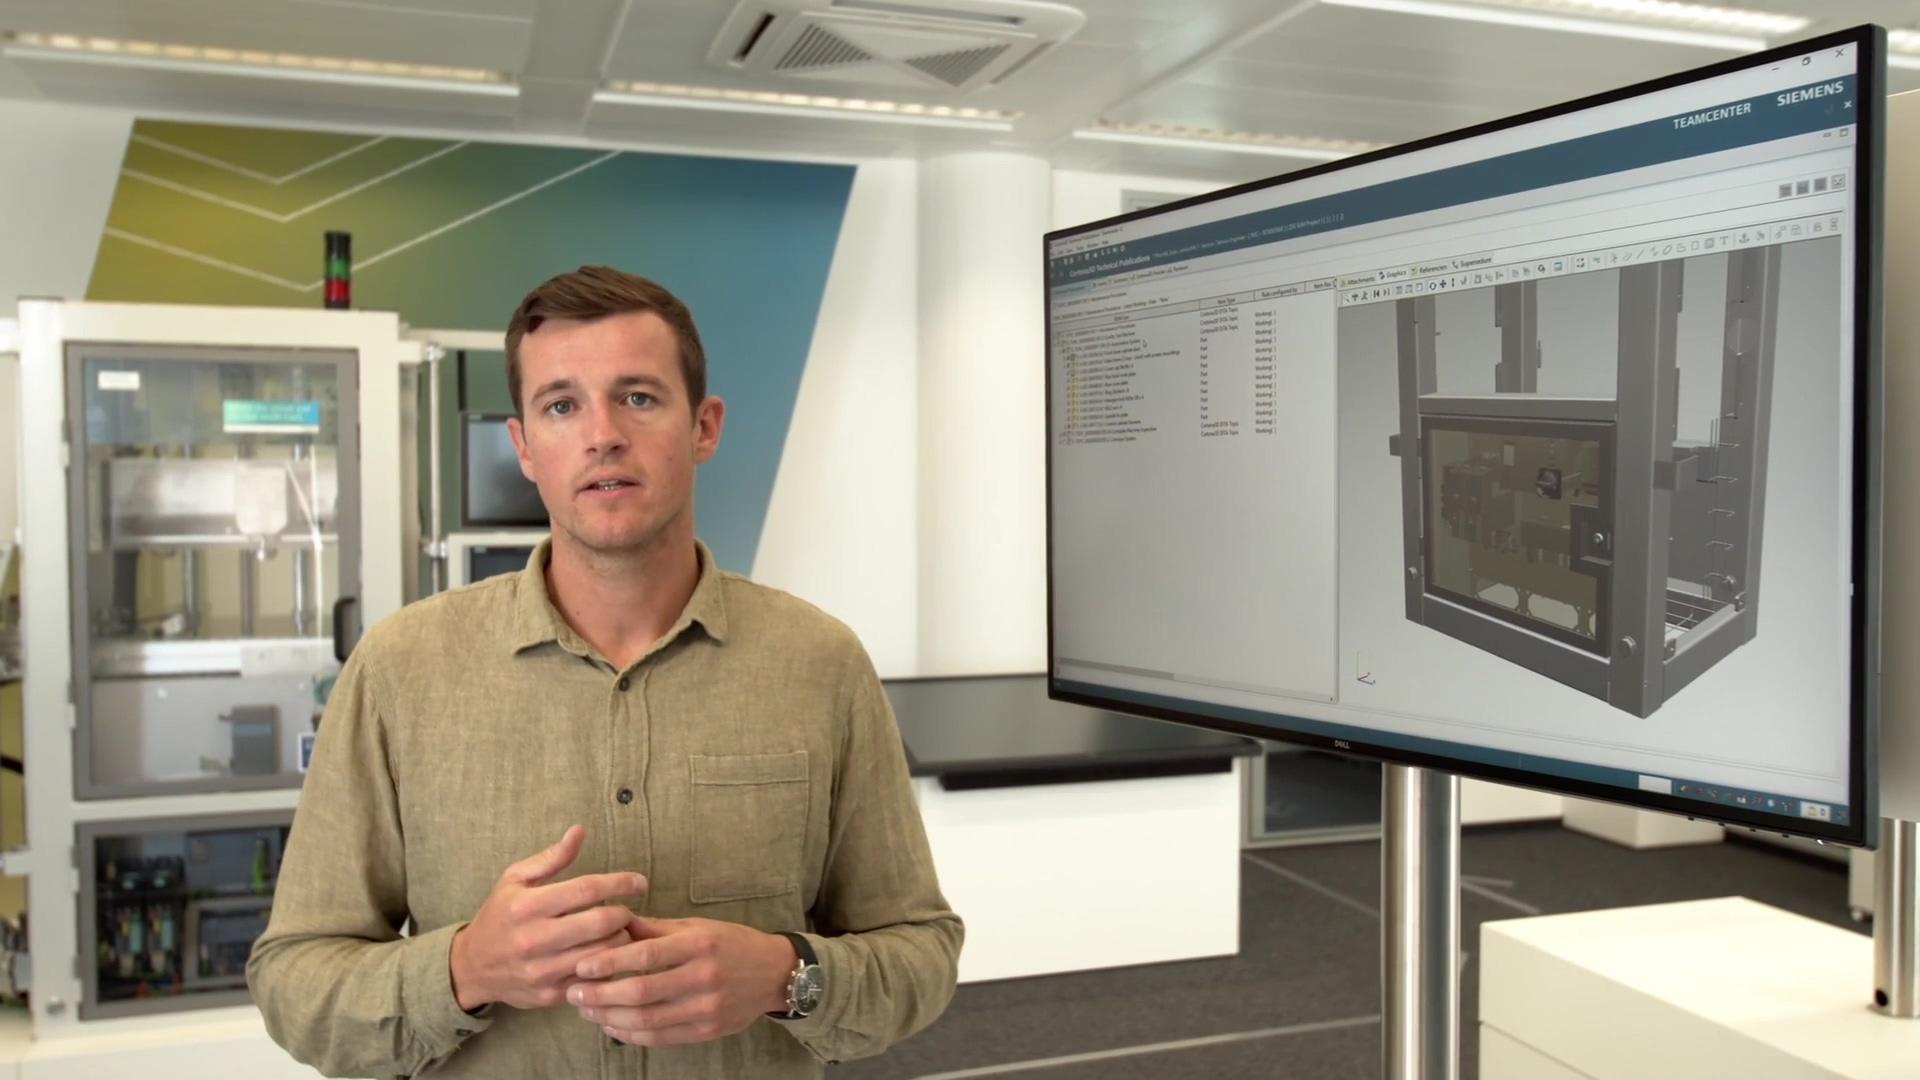 Siemens teamcenter intergration_RELEASE